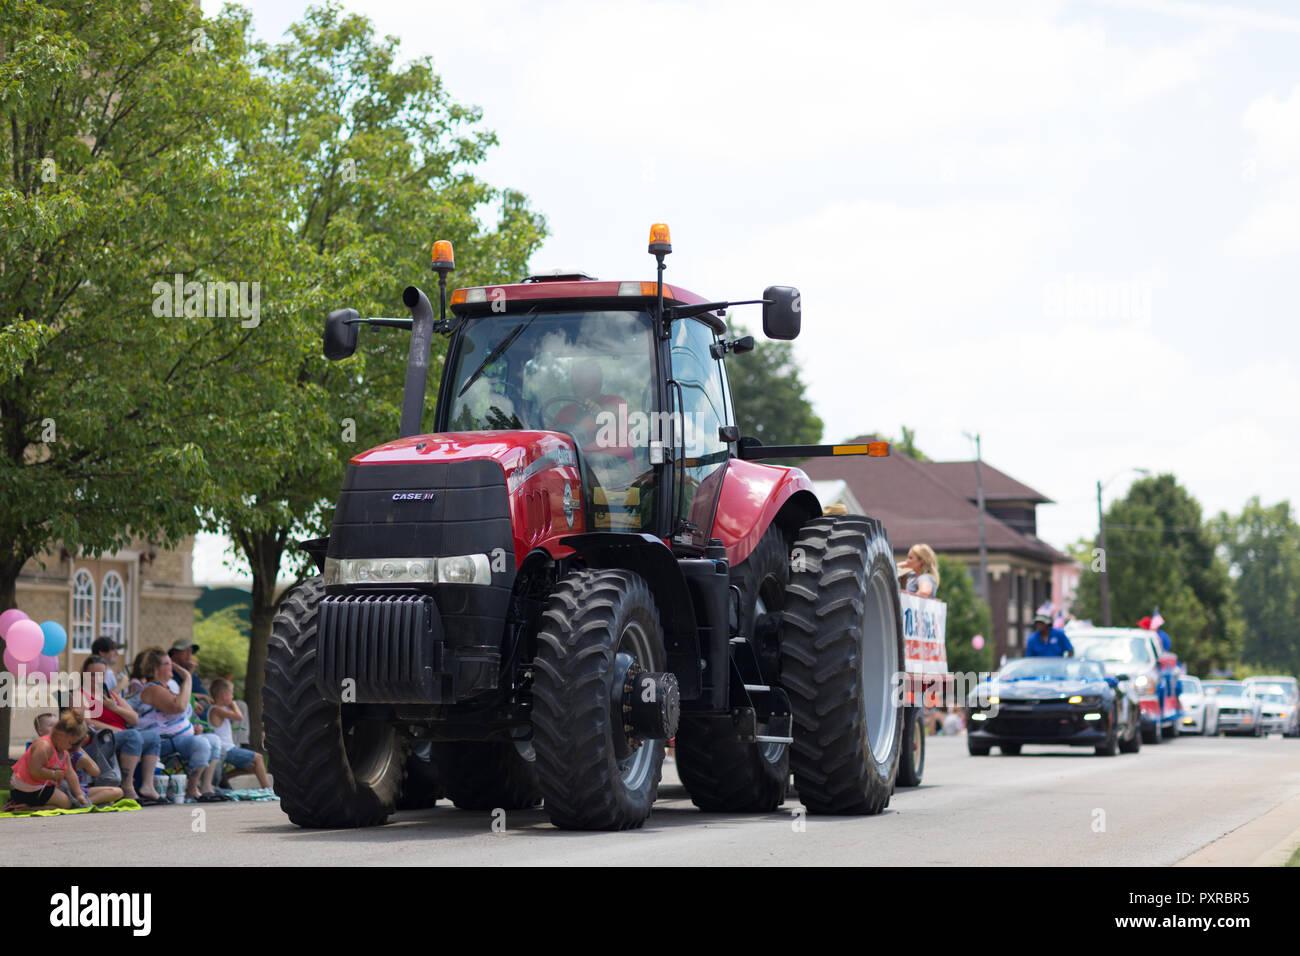 Haynes Apperson Festival 2020.Case Ih Magnum Tractor Stock Photos Case Ih Magnum Tractor